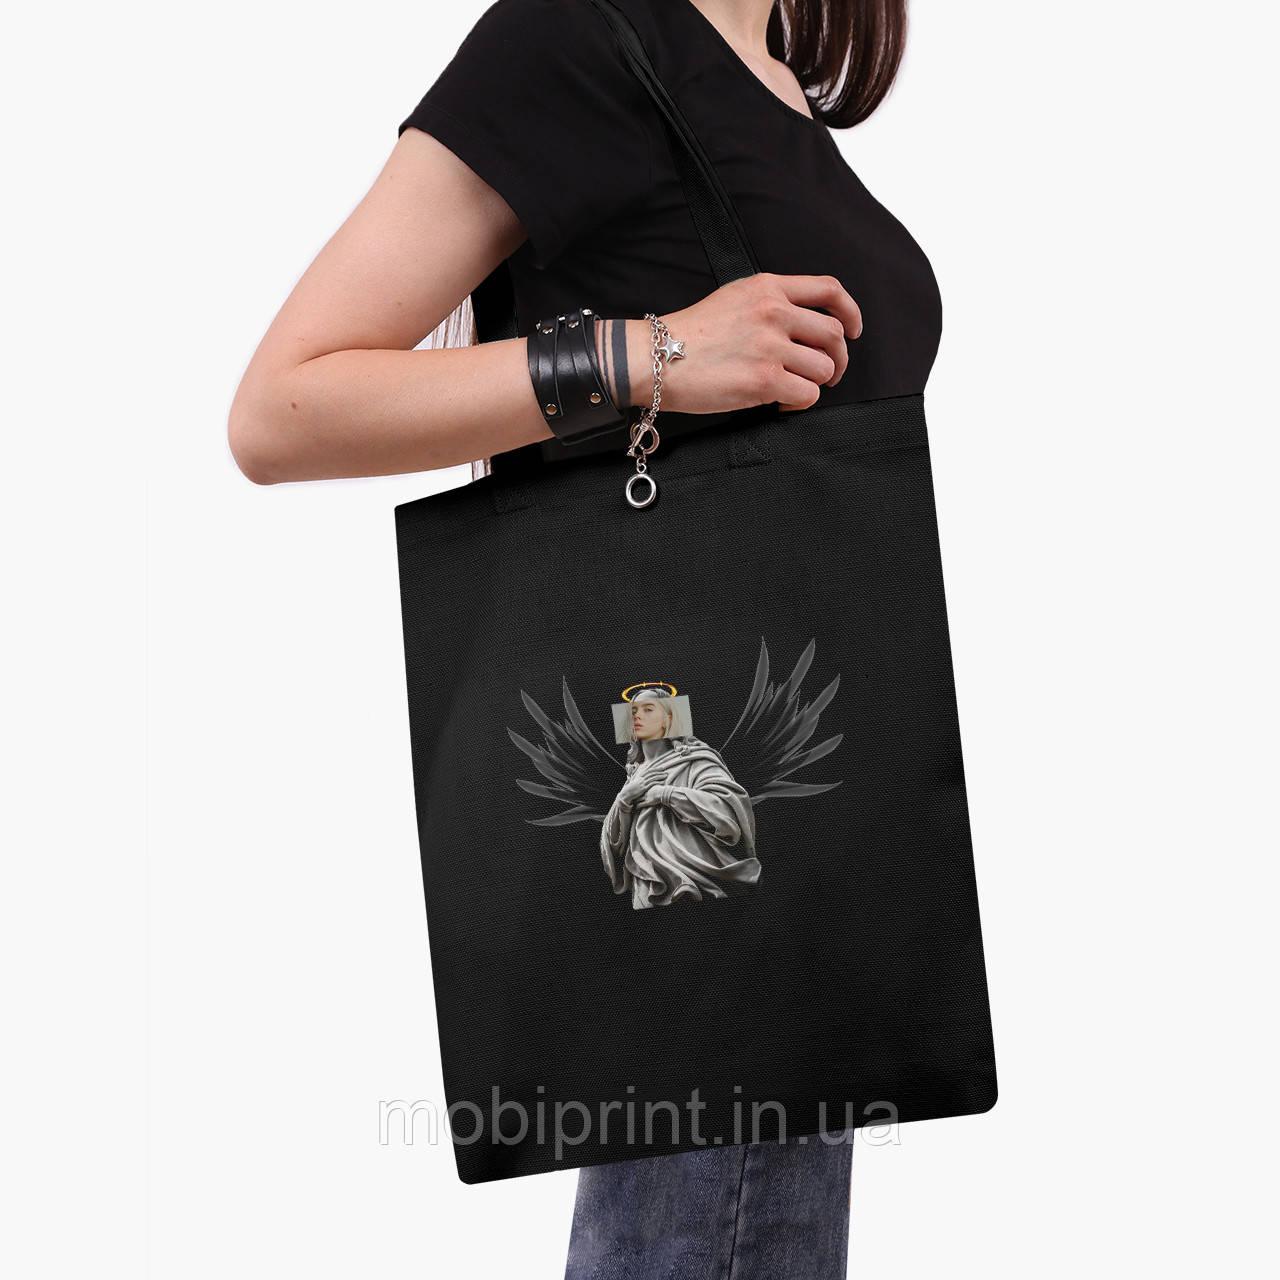 Эко сумка шоппер черная Билли Айлиш - Ренессанс (Billie Eilish - Renaissance) (9227-1205-2)  экосумка шопер